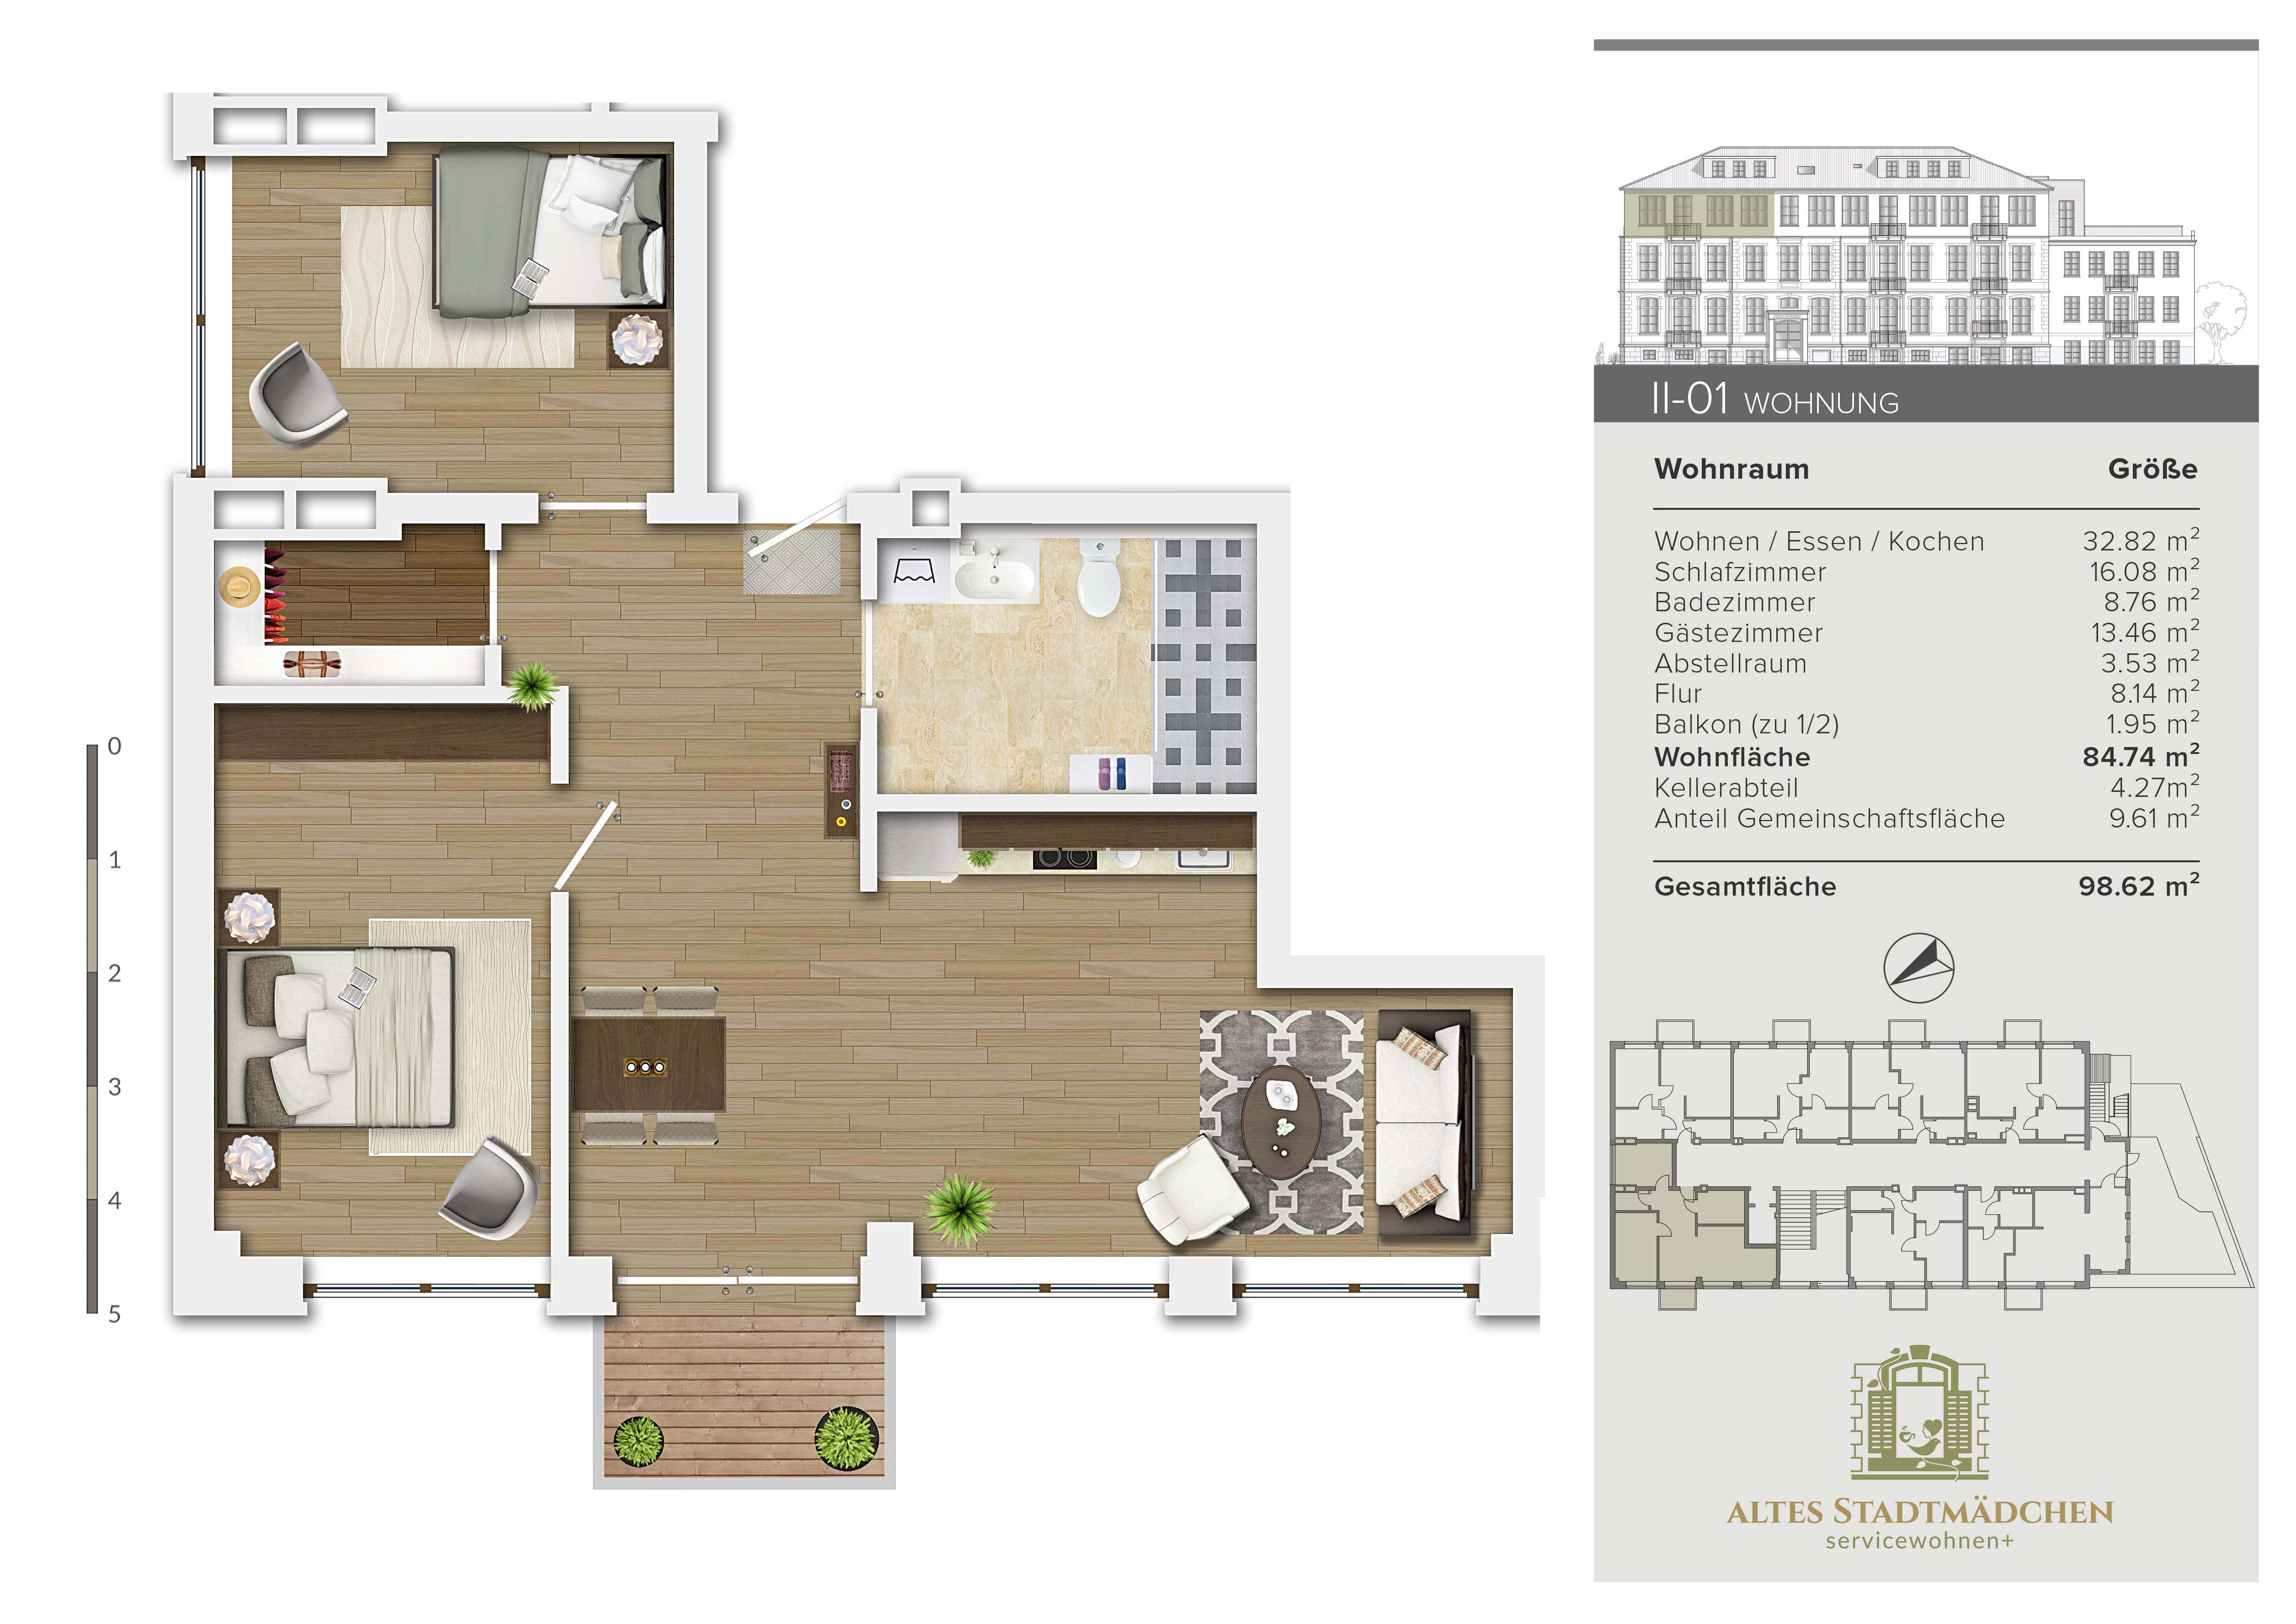 Wohnung II-01